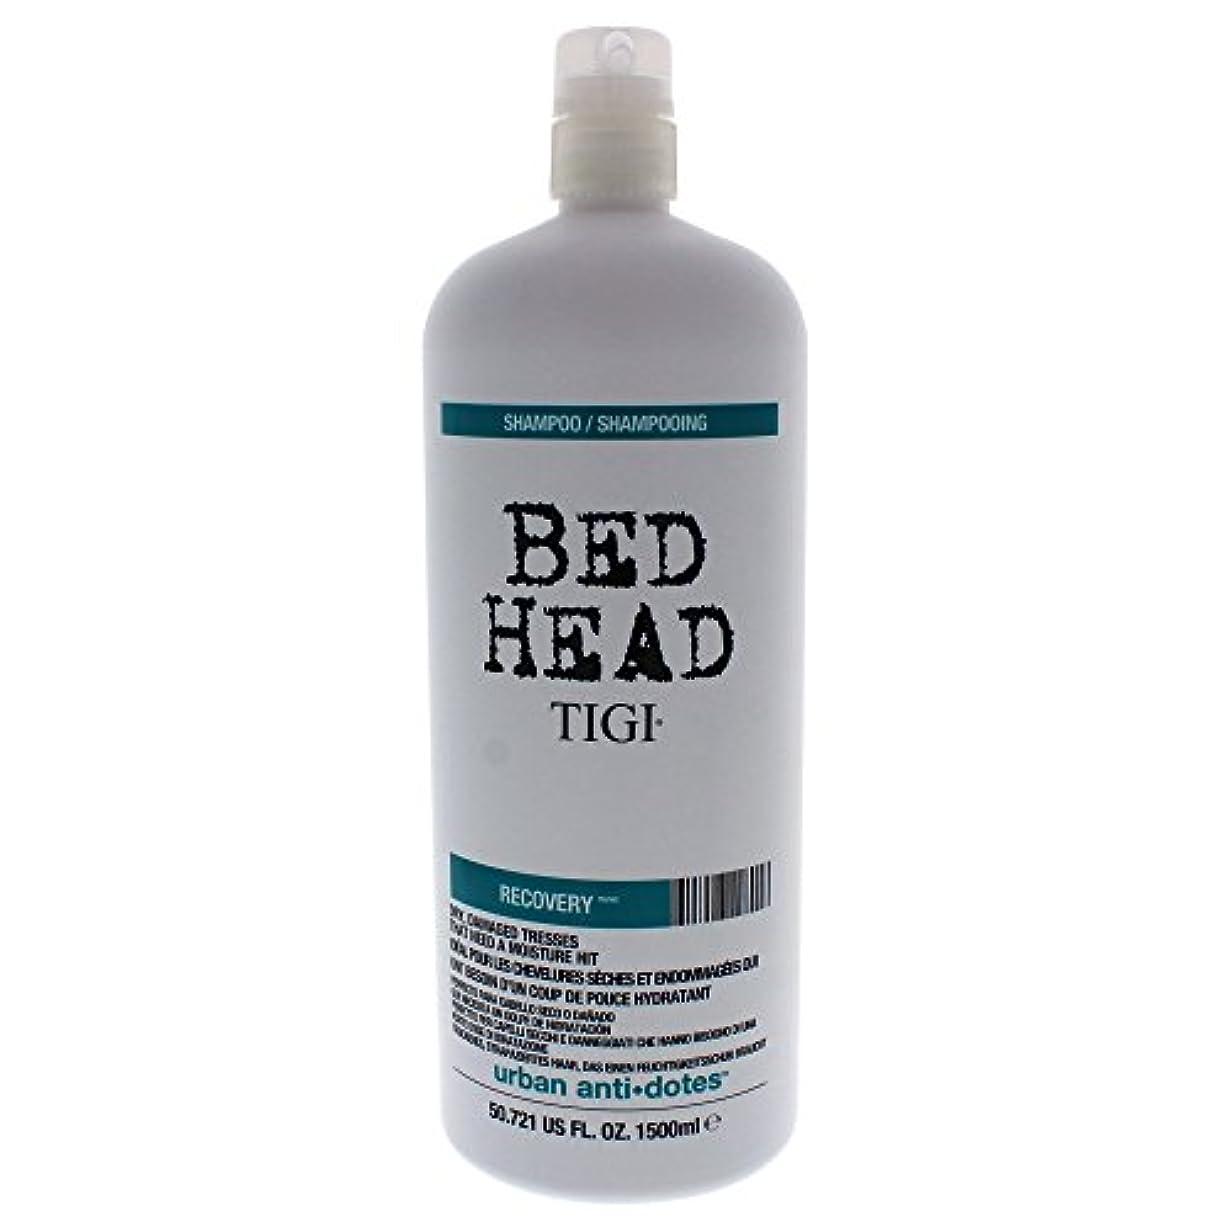 ジムエッセンス広告主Bed Head Urban Antidotes Recovery Shampoo